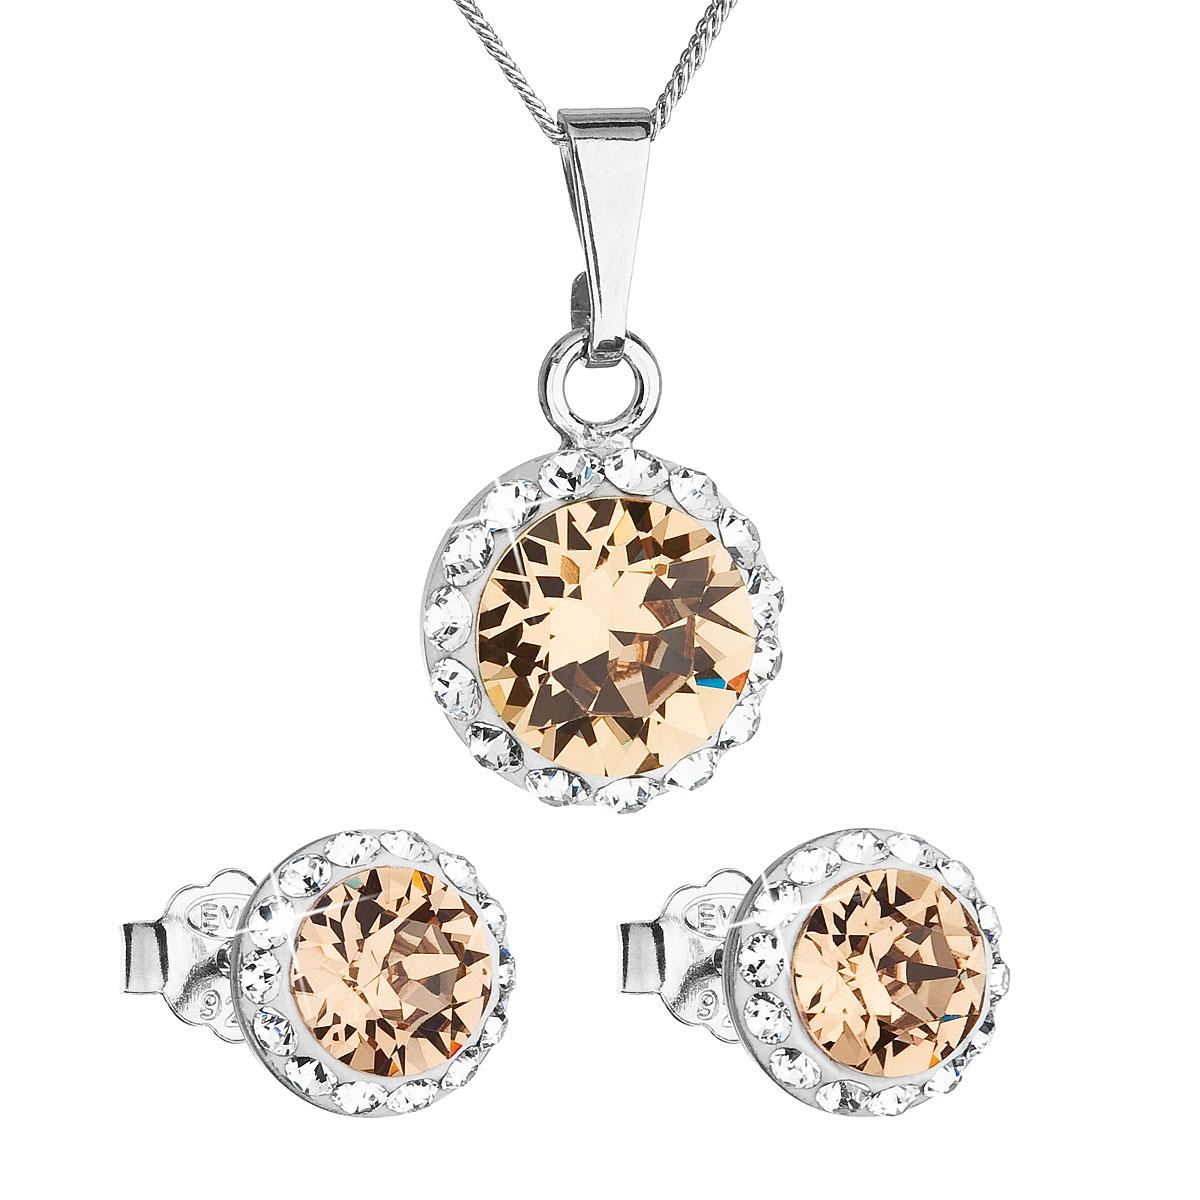 Sada šperků s krystaly Swarovski náušnice, řetízek a přívěsek hnědé oranžové kulaté 39152.3